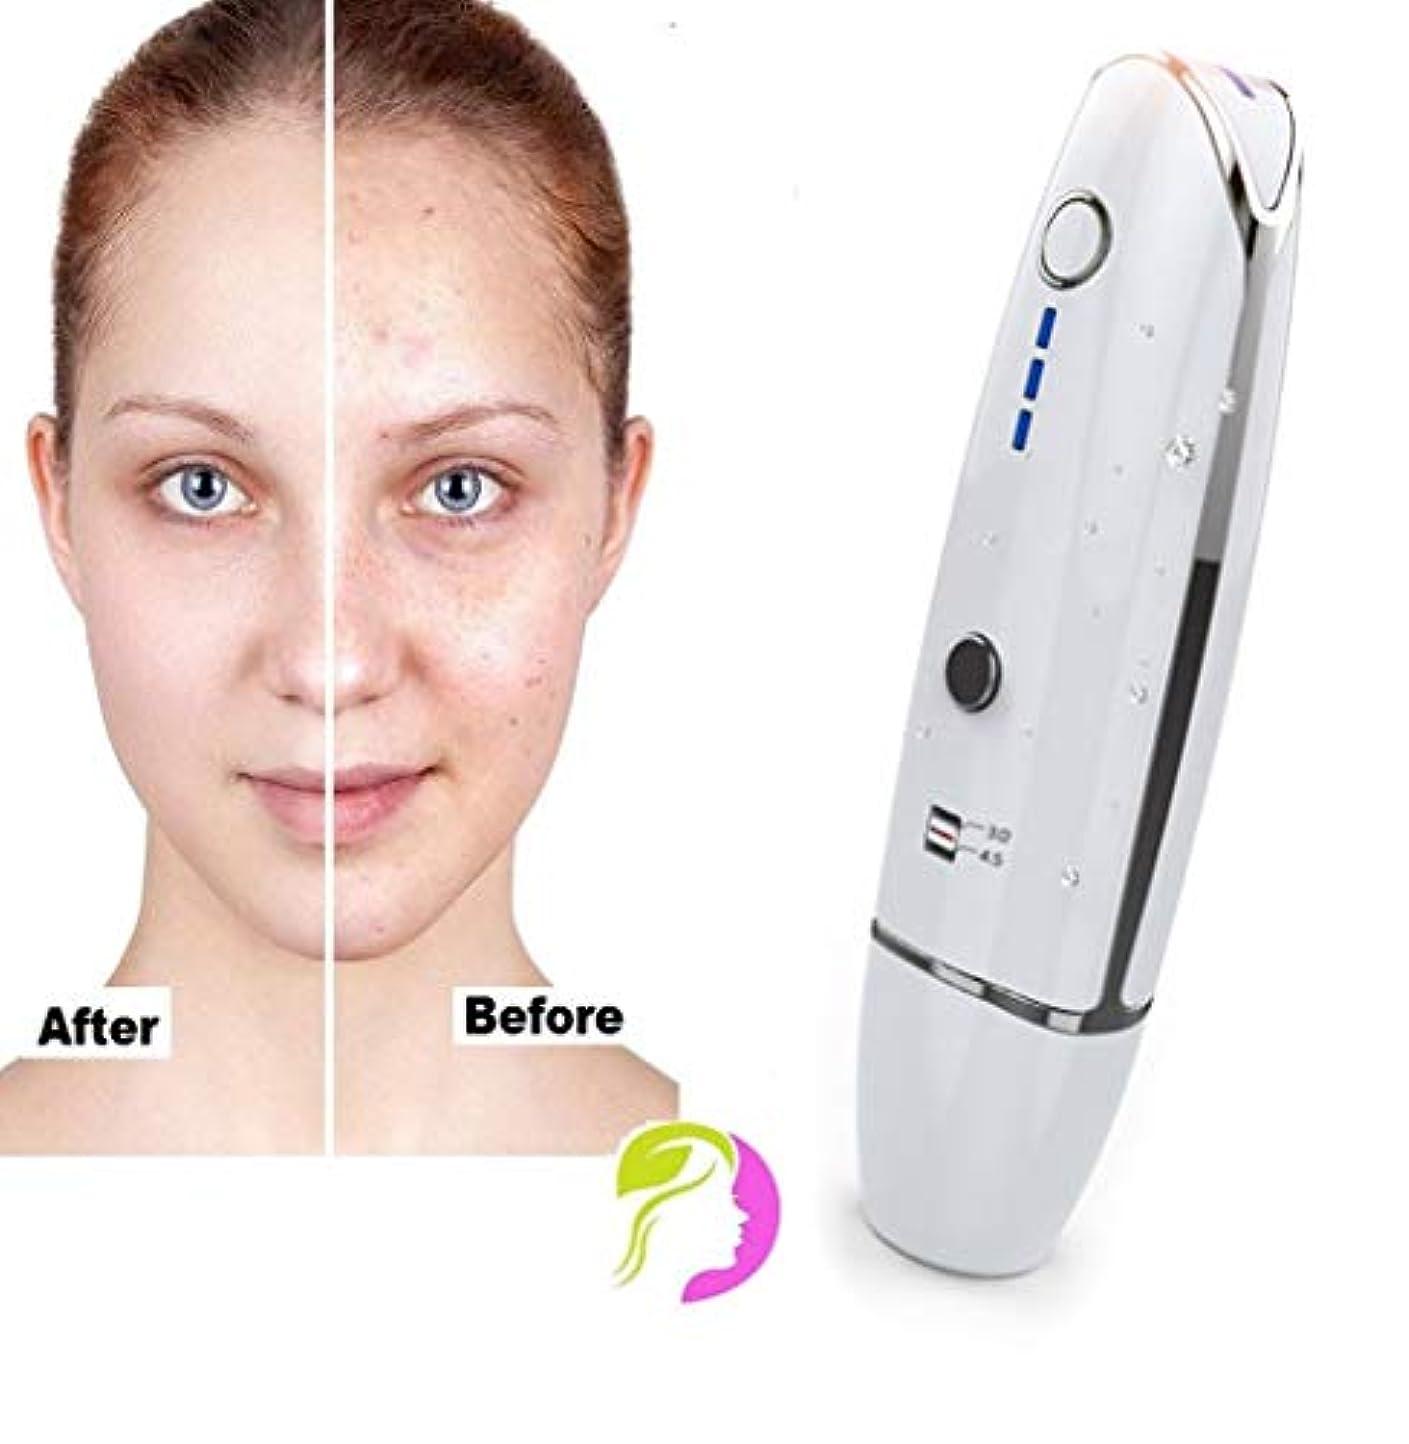 舌救急車コックレーダーラインVフェイスリフトスキン引き締めミニHifuポータブルマシンフェイスリンクル除去肌の若返り美容ツール